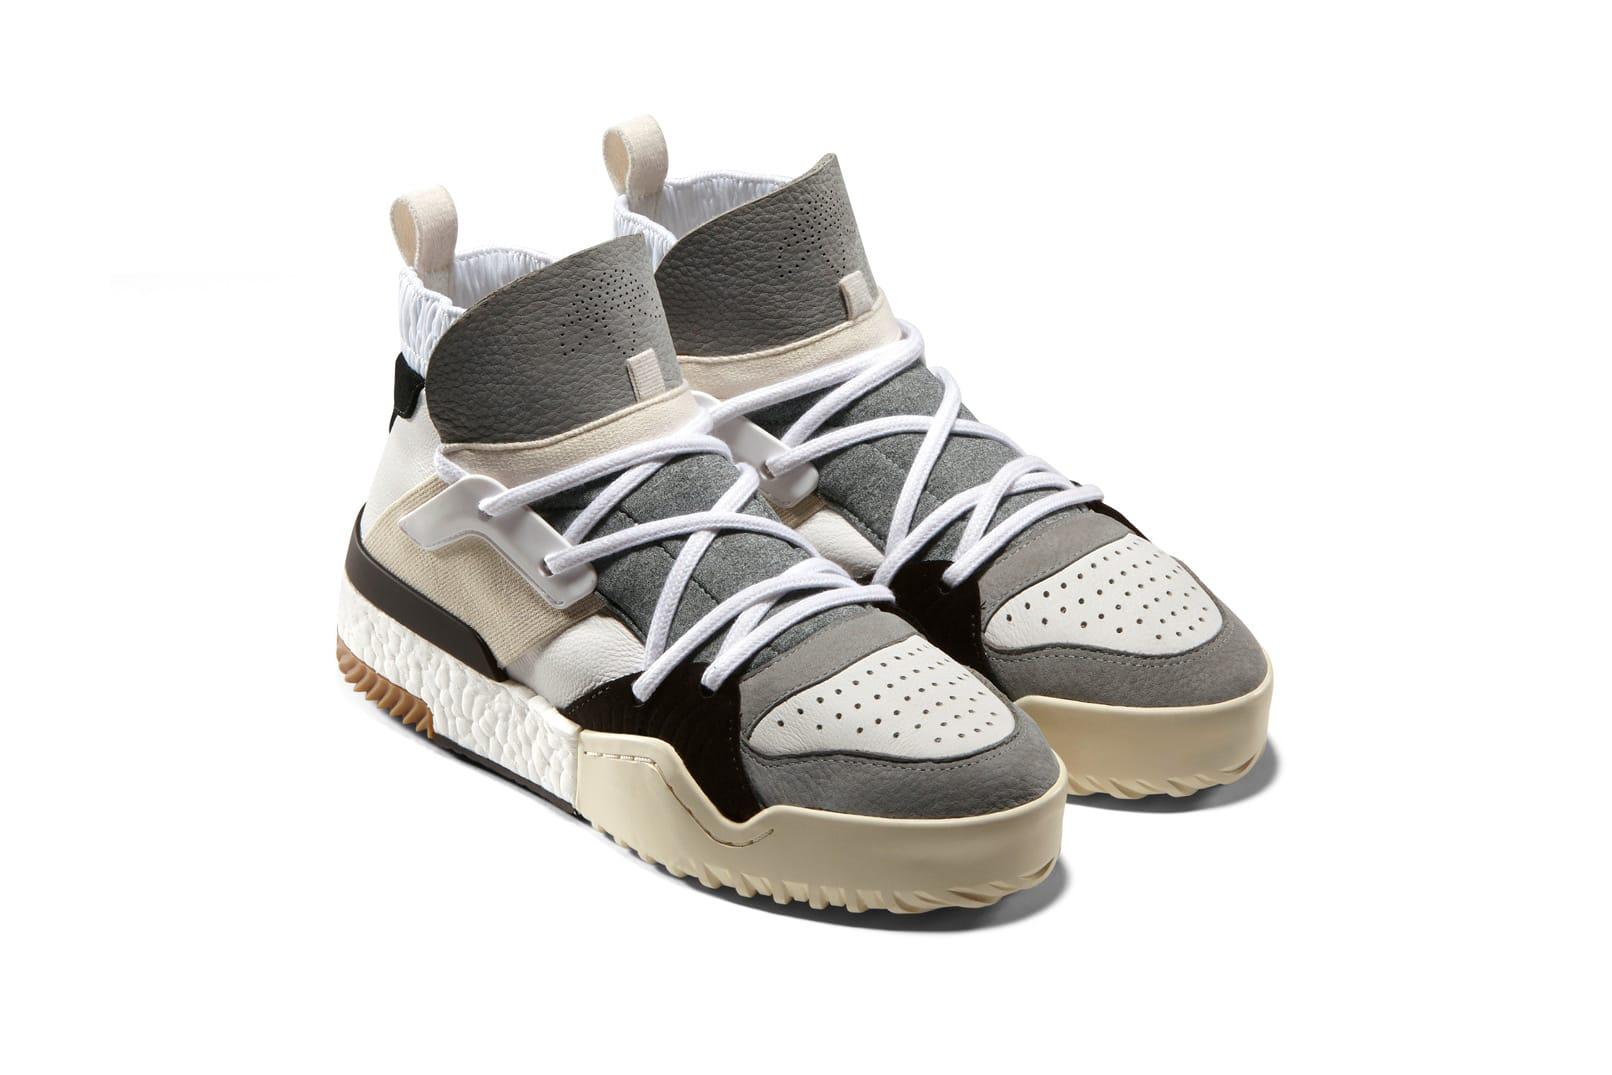 Alexander Wang's adidas Originals AW